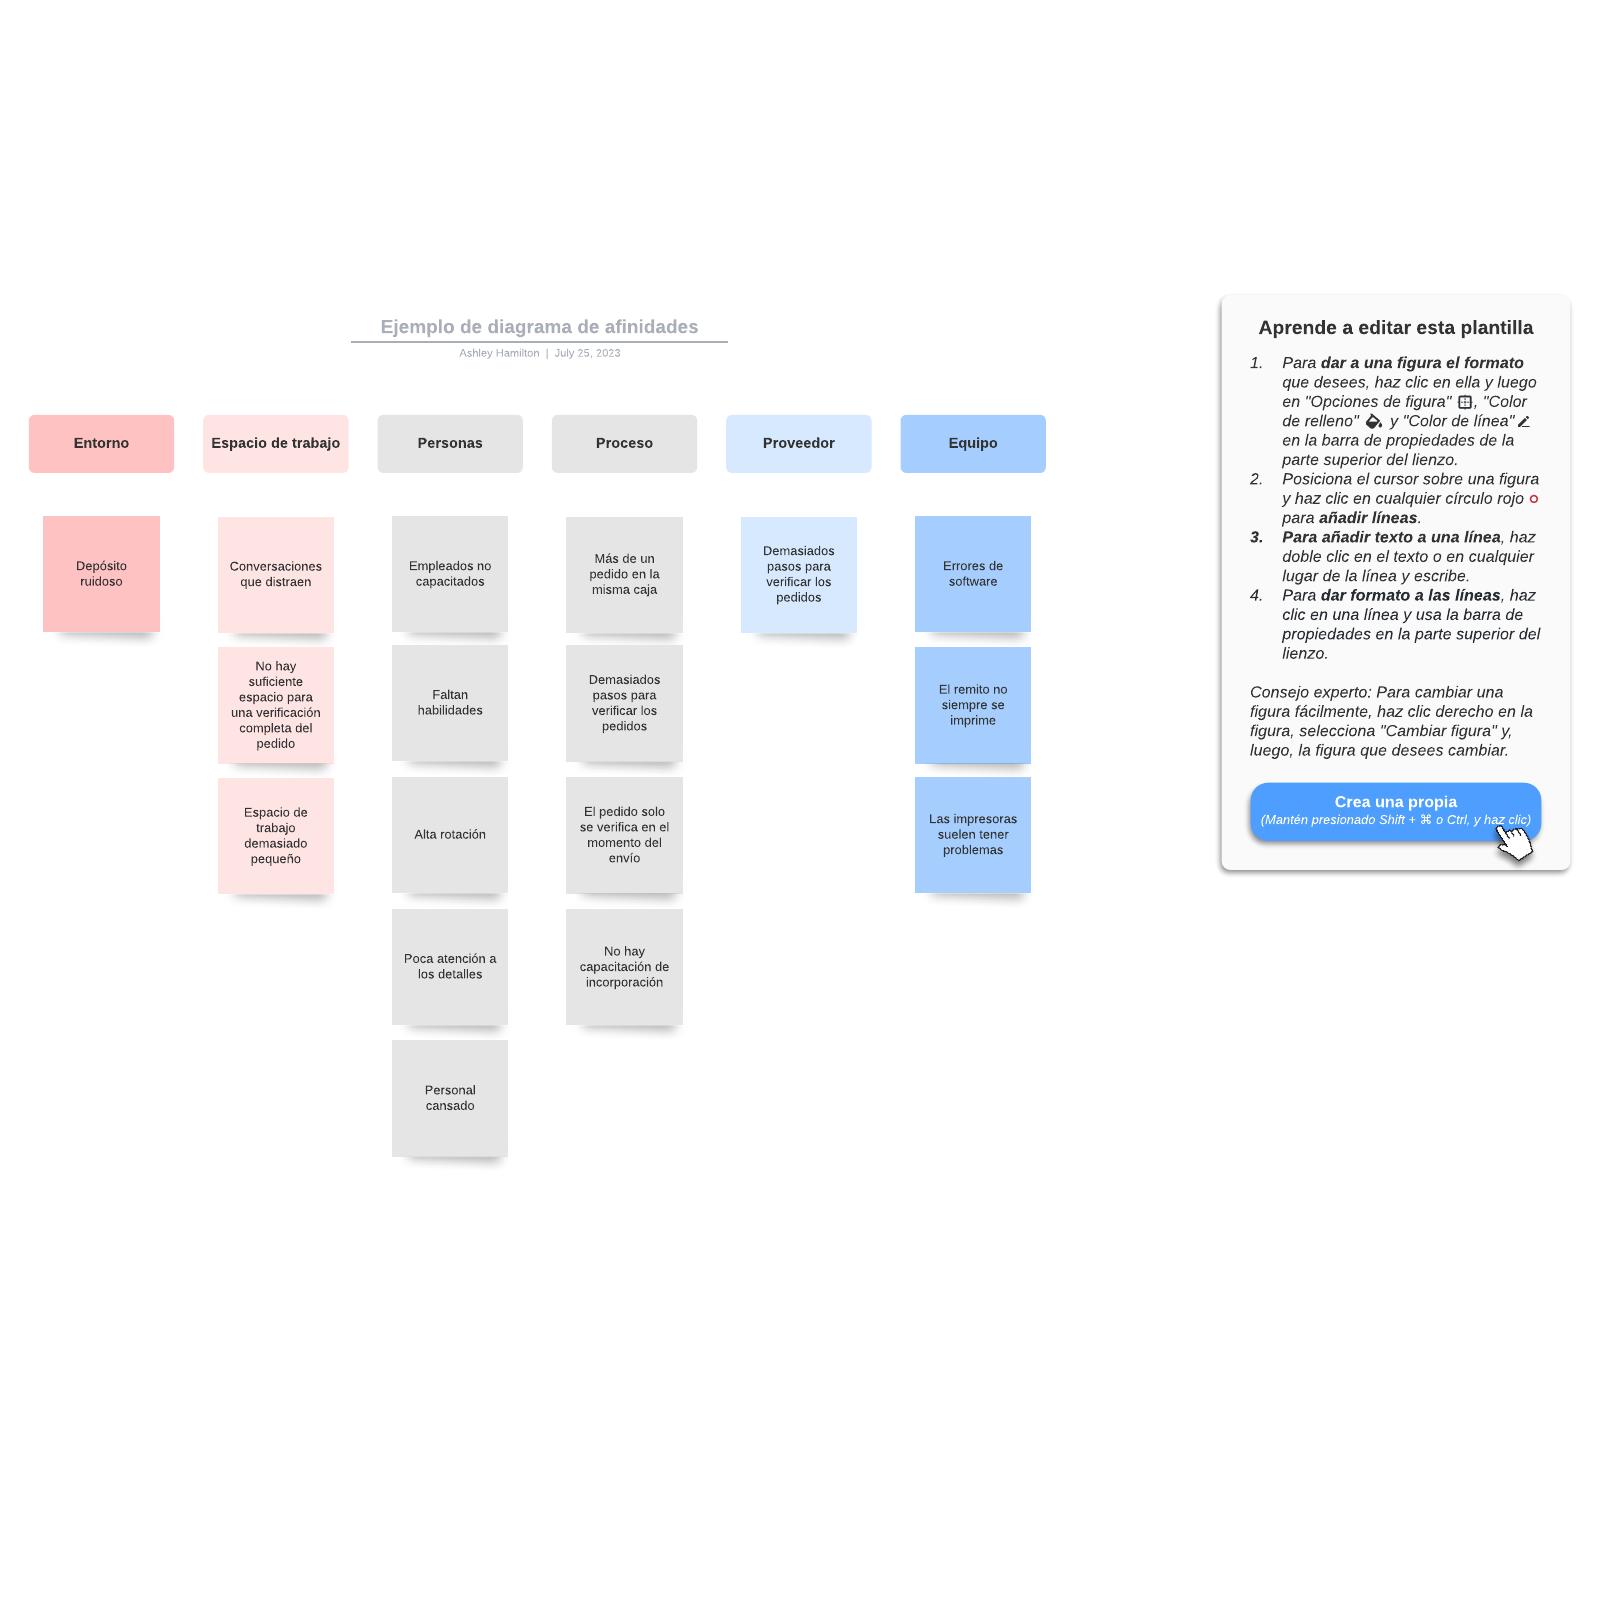 Ejemplo de diagrama de afinidades